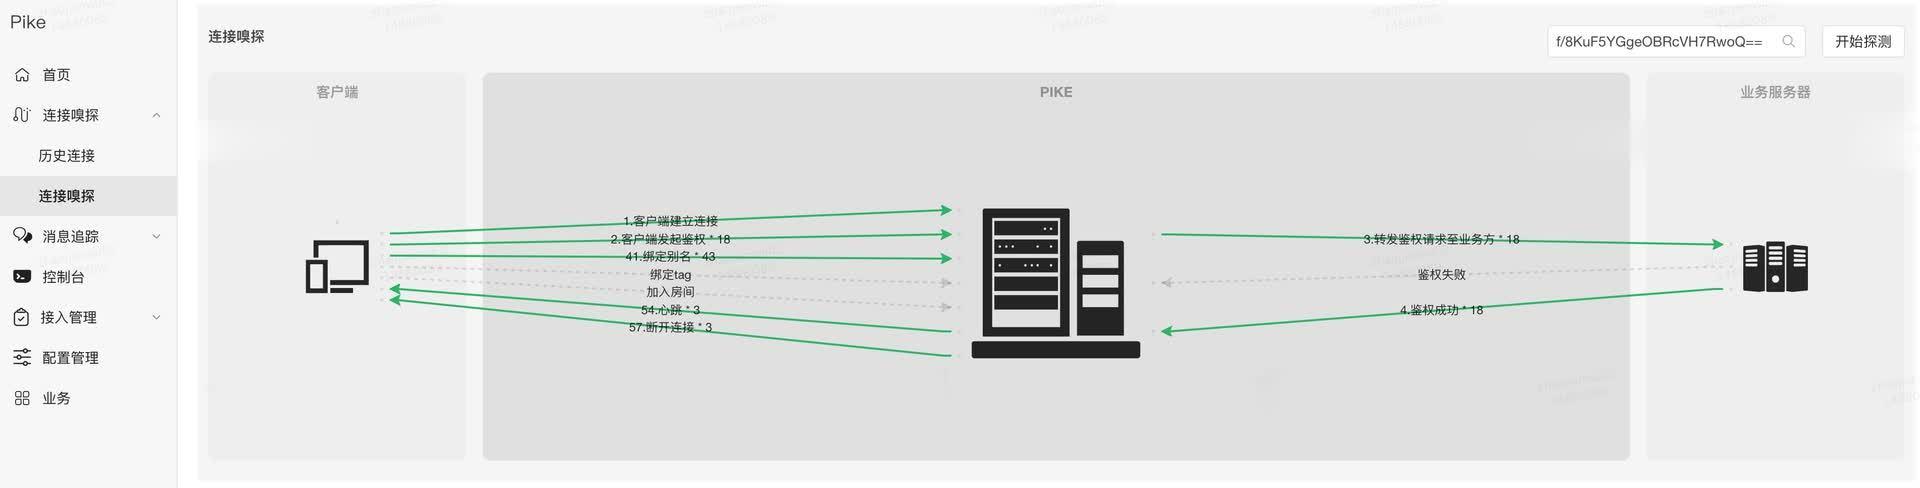 图11 个案用户追踪信令交互图